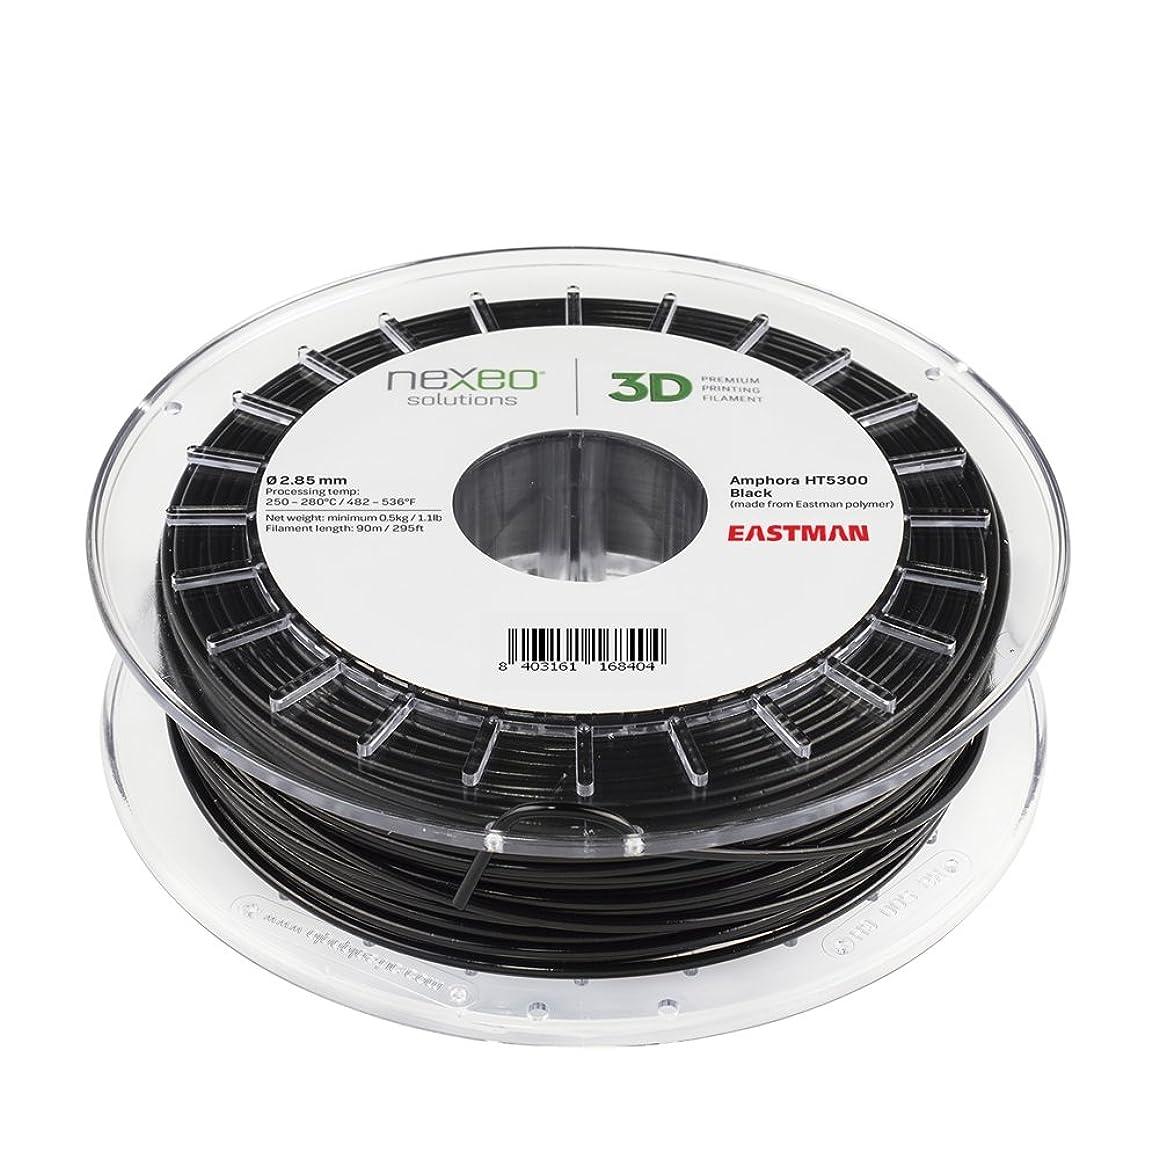 Nexeo 3D Printing Filament Copolyester Amphora HT5300 Black 2.85mm 1.1lb